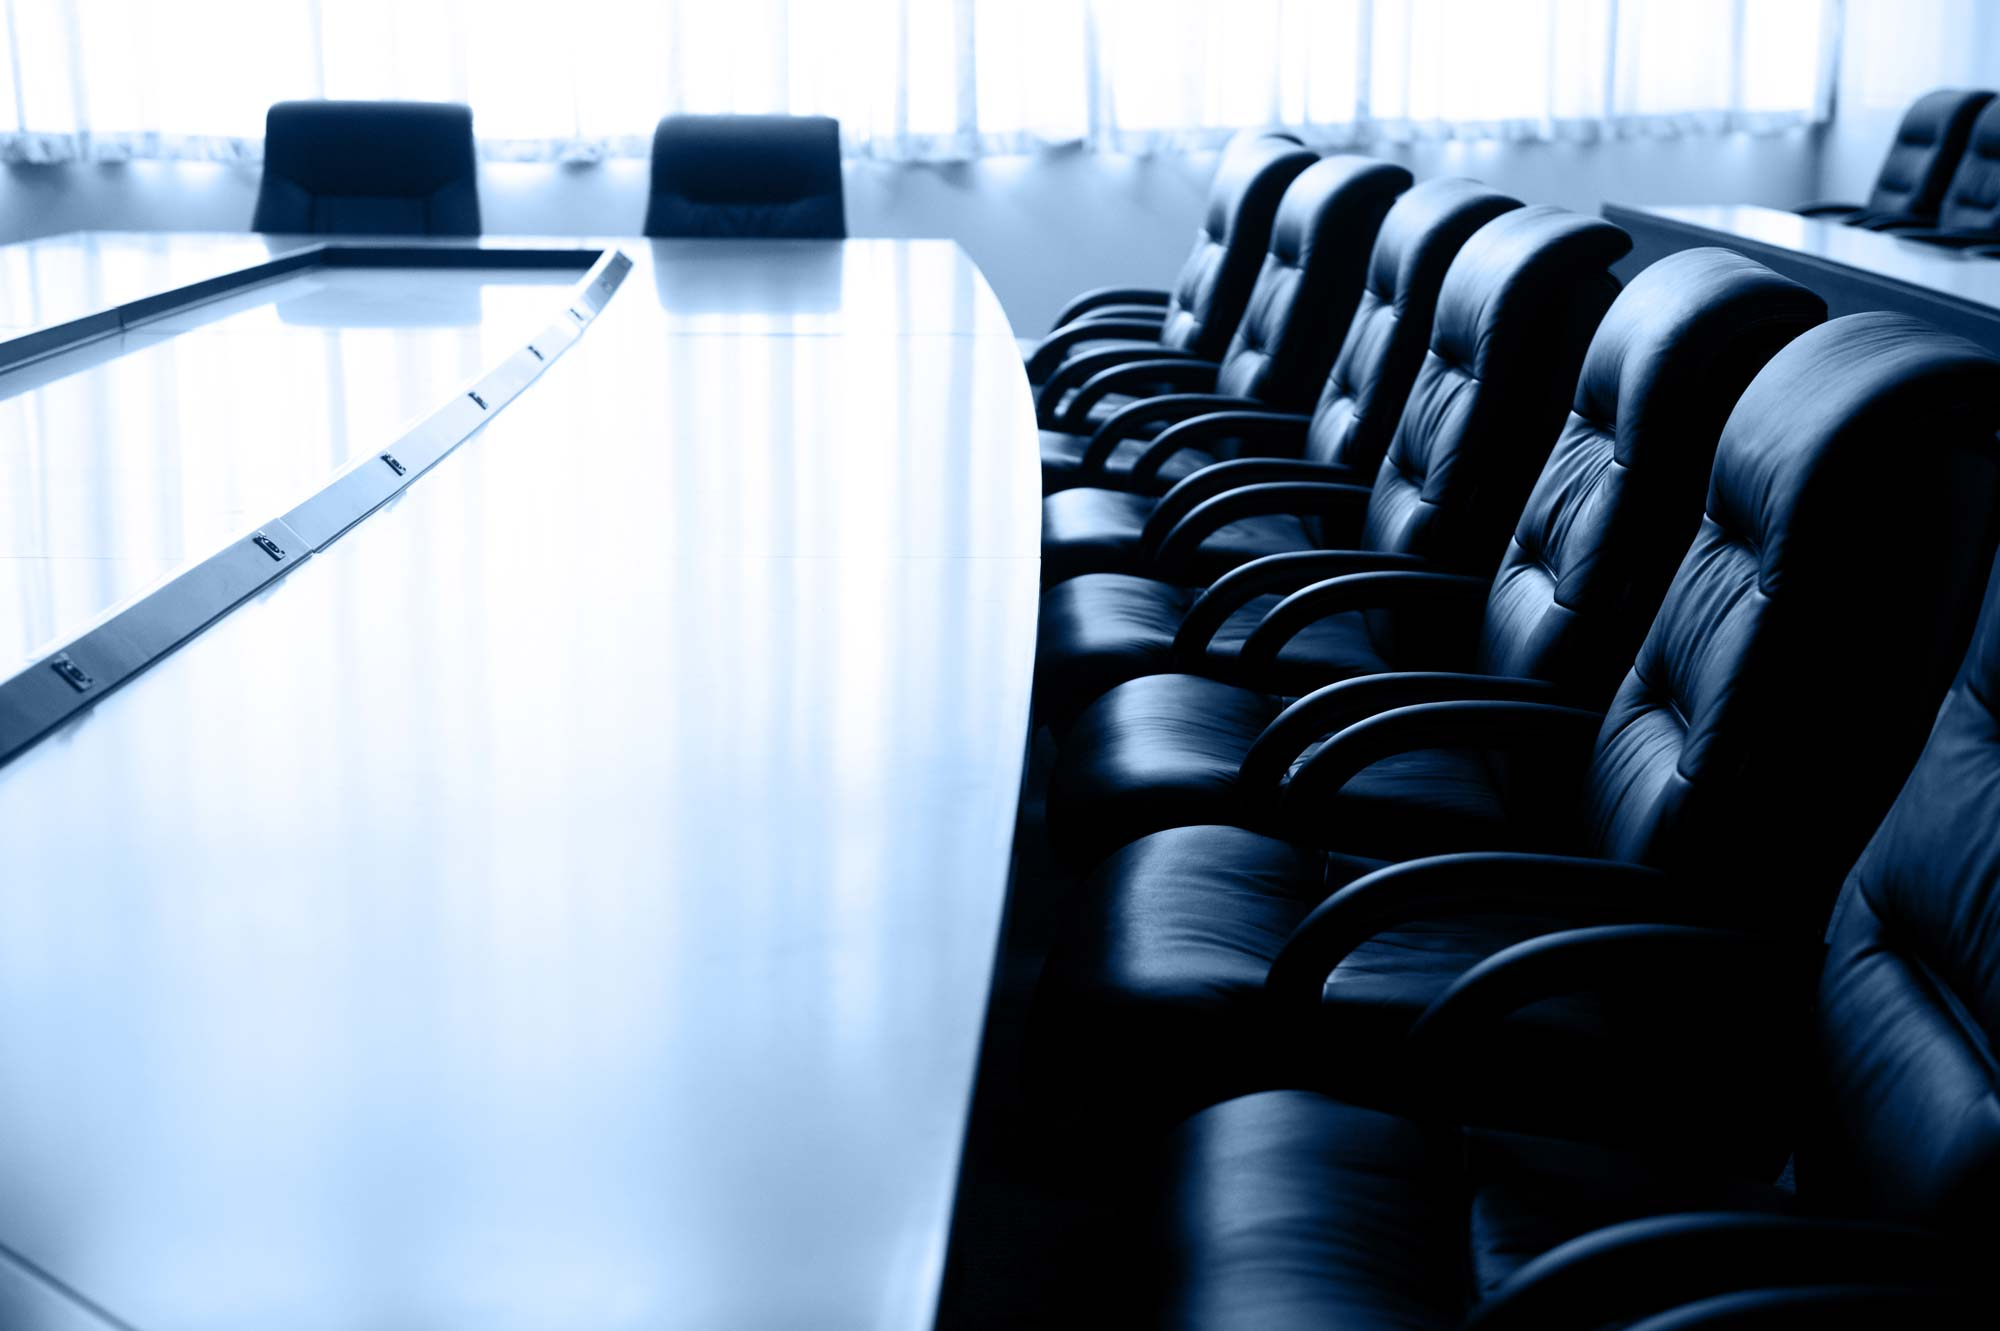 mesa-reuniao-cadeiras